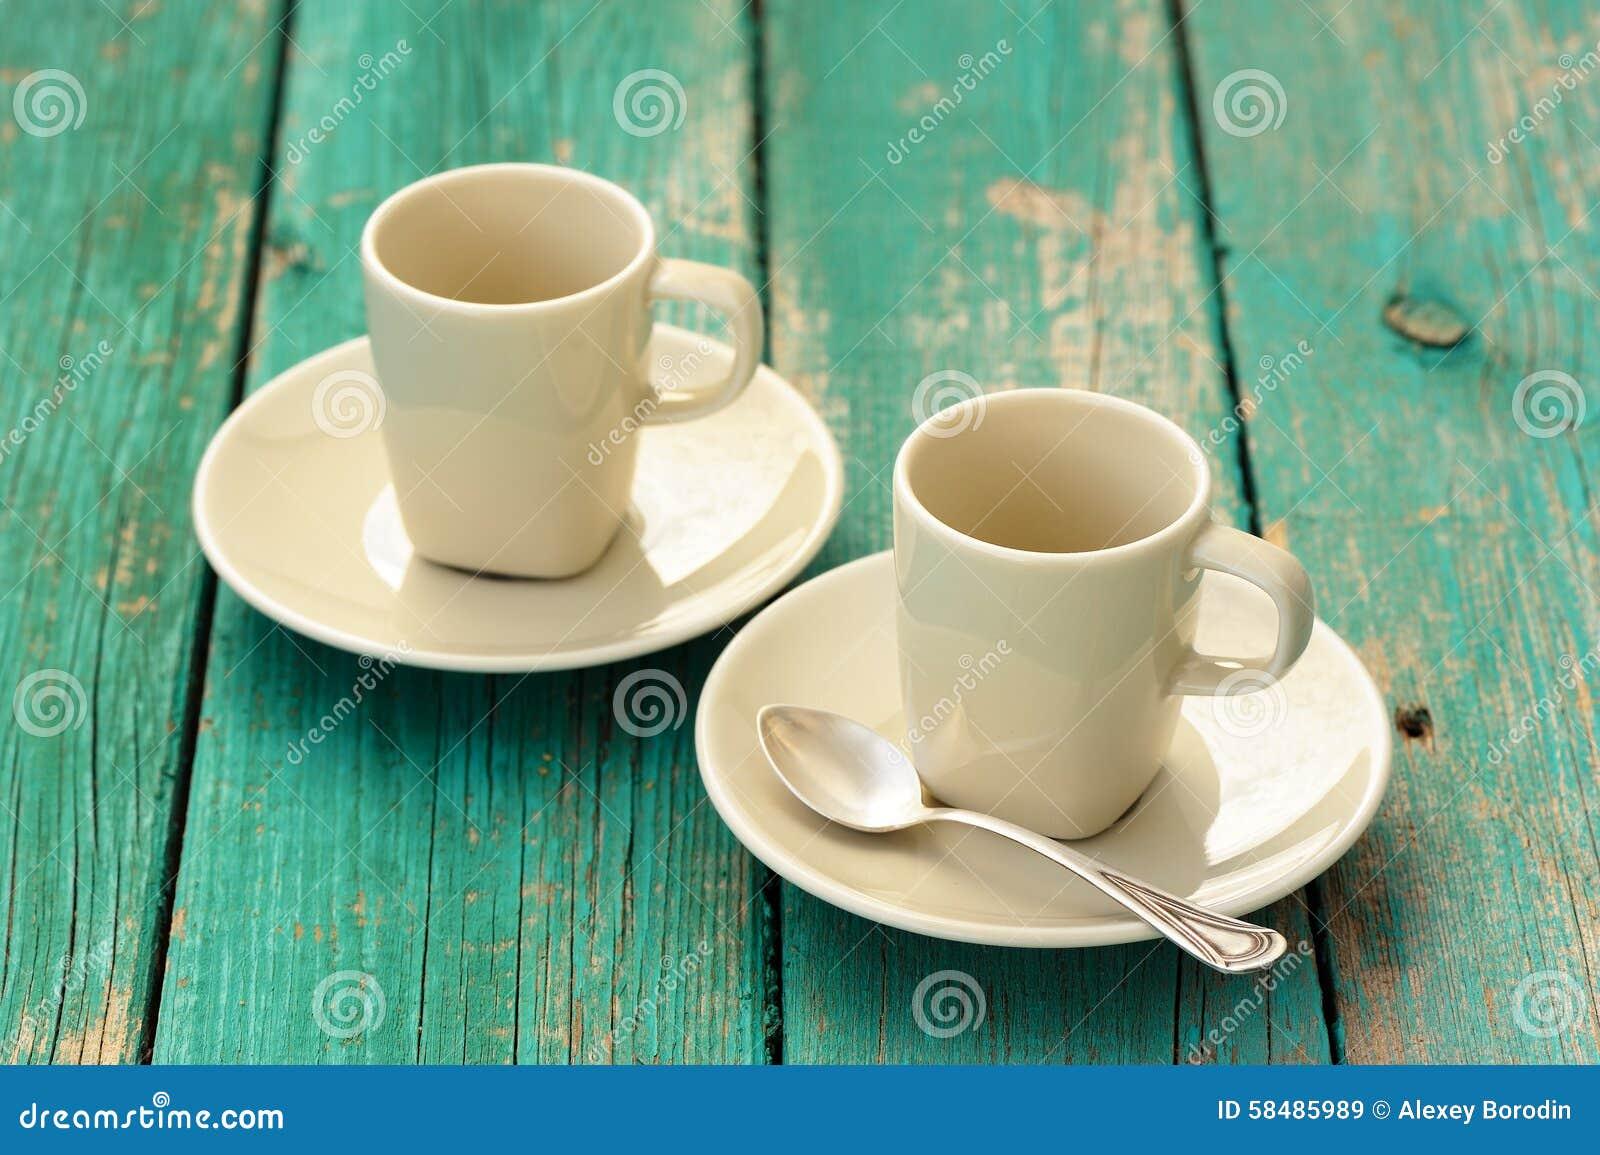 Dwa pustej heban kawy espresso filiżanki z srebną łyżką na turkusowym sha